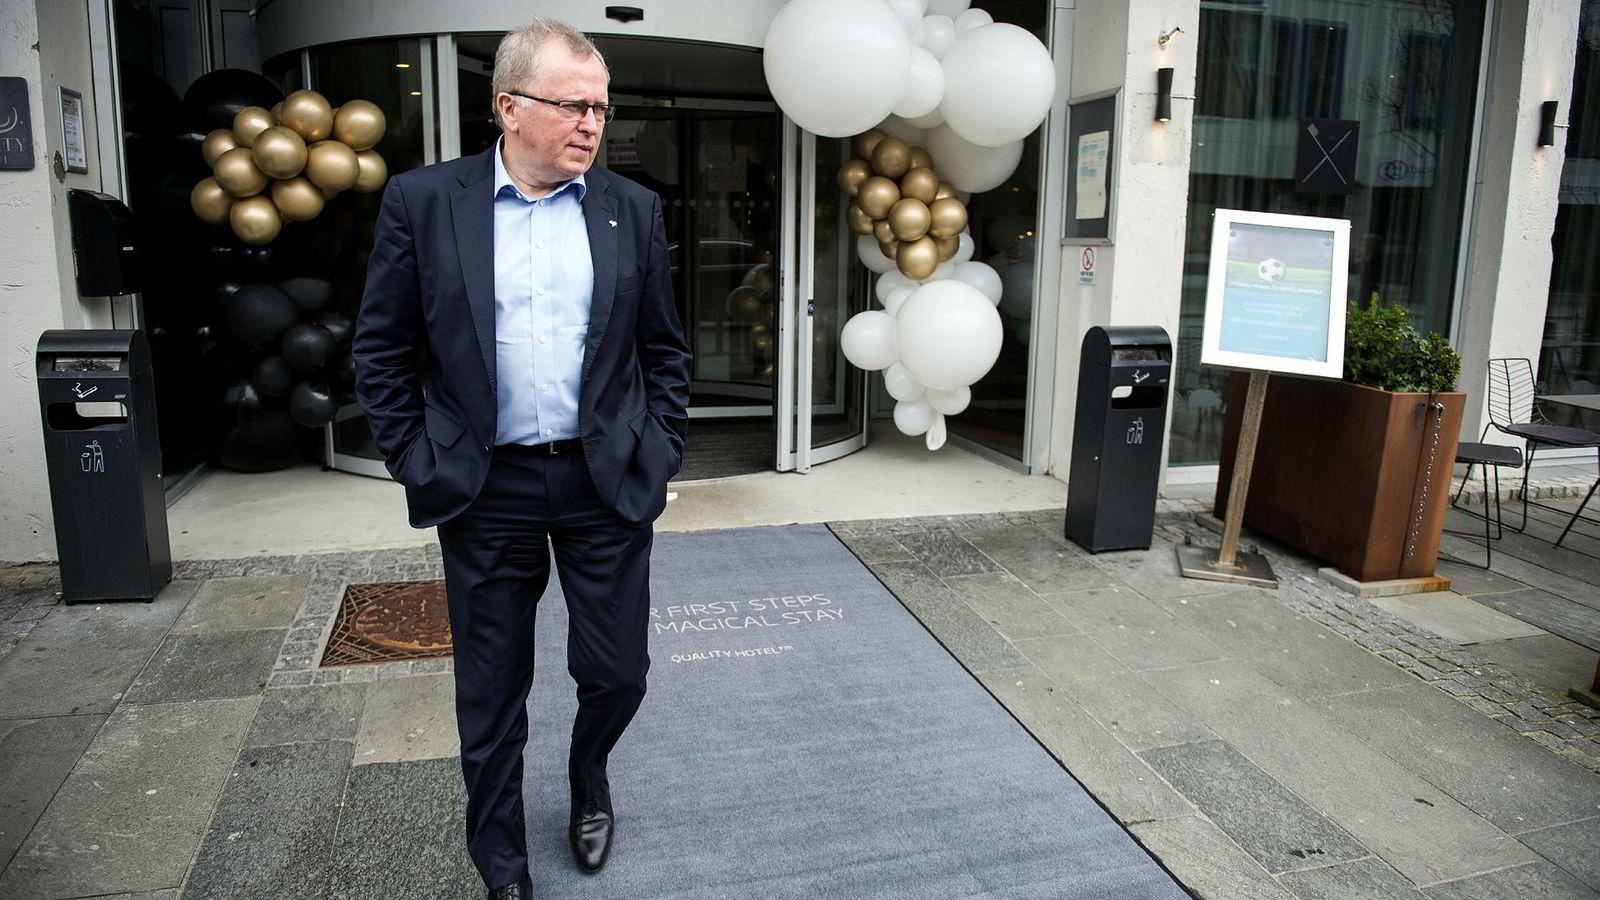 – Det har litt med hvor selskapet vokser fremover å gjøre. Det blir veldig mye utenfor Norge, sier Equinor-sjef Eldar Sætre til DN etter sitt innlegg på en ledelseskonferanse i Sandnes fredag.